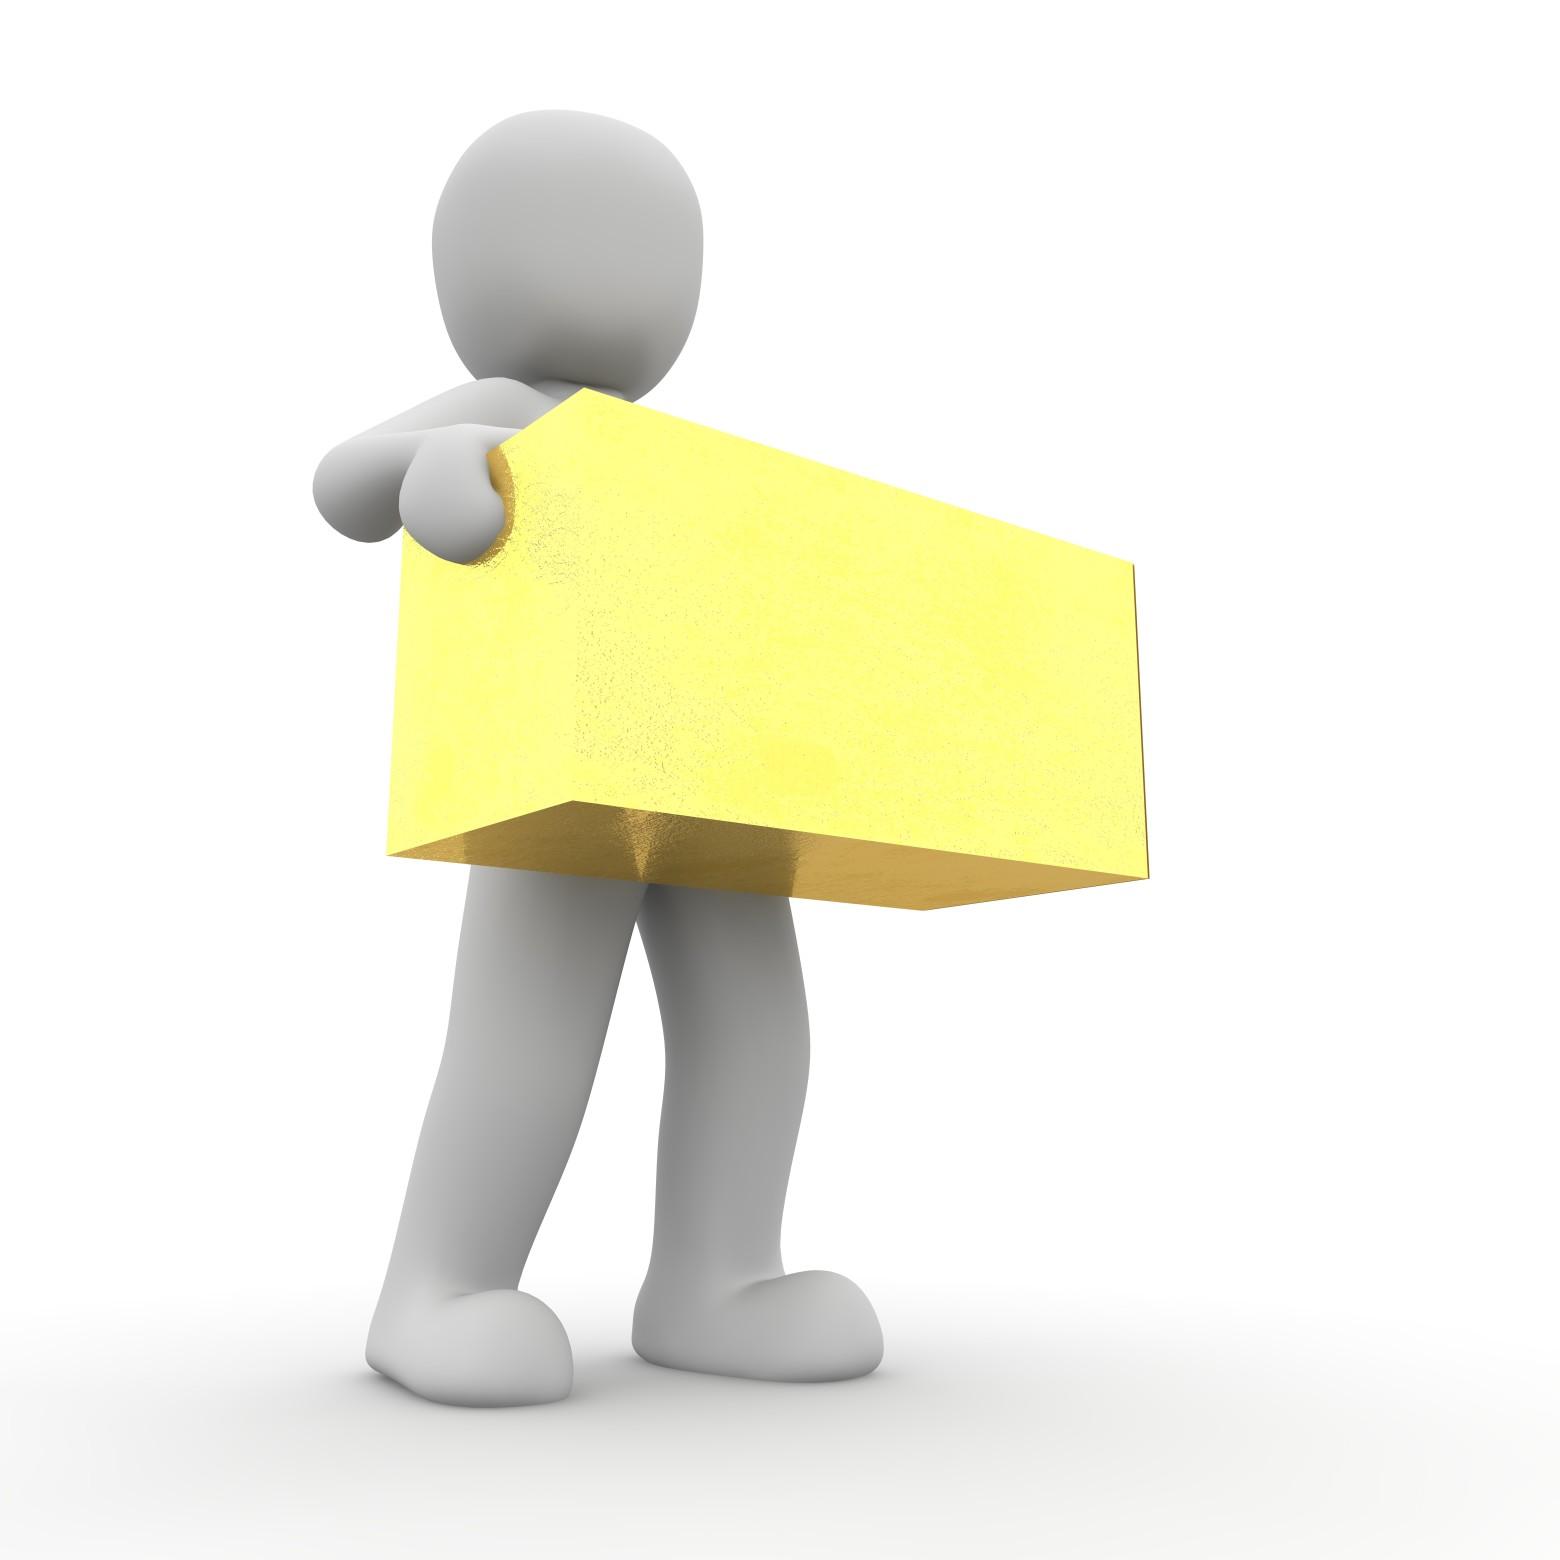 Livraison de gros colis livraison pevia livraison - Acheter carton colis ...